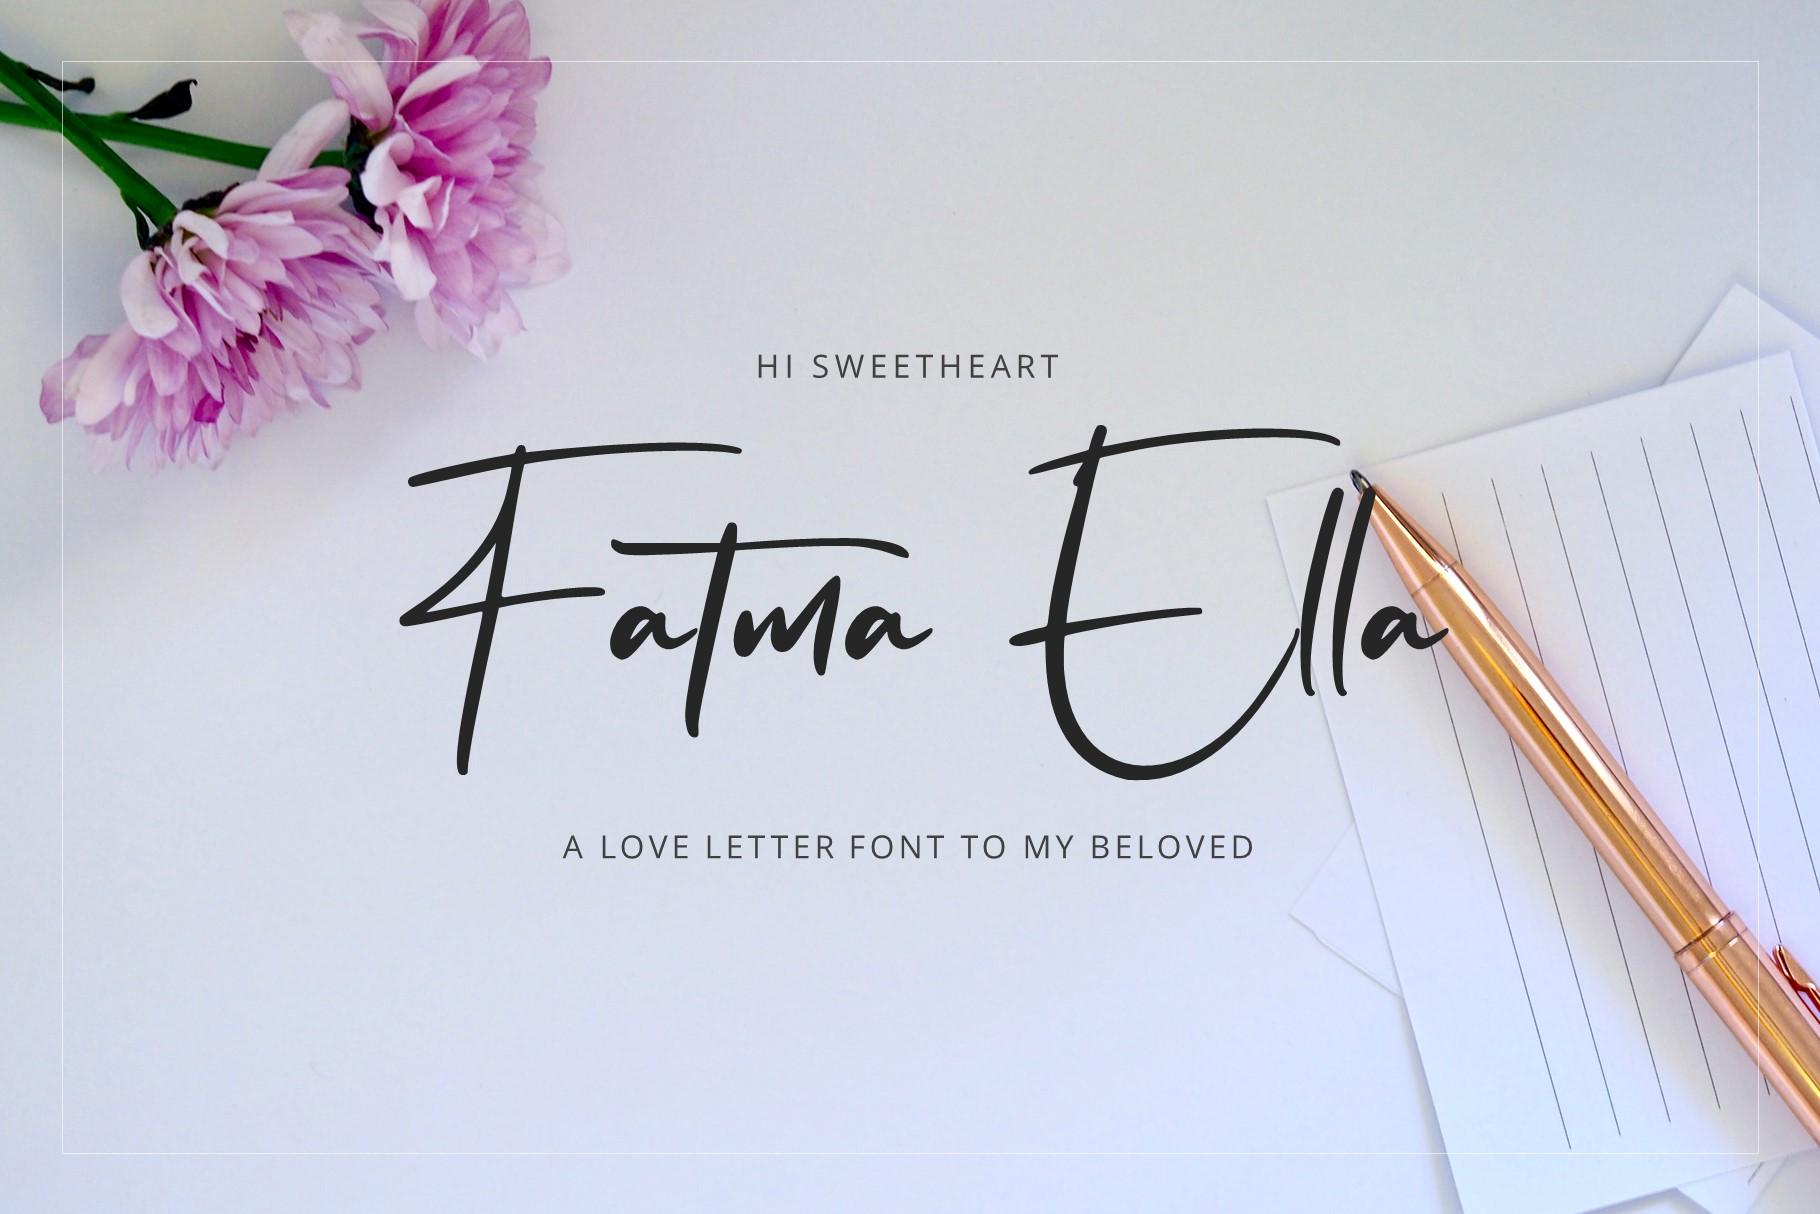 Flavellya - Luxury Signature Font example image 1